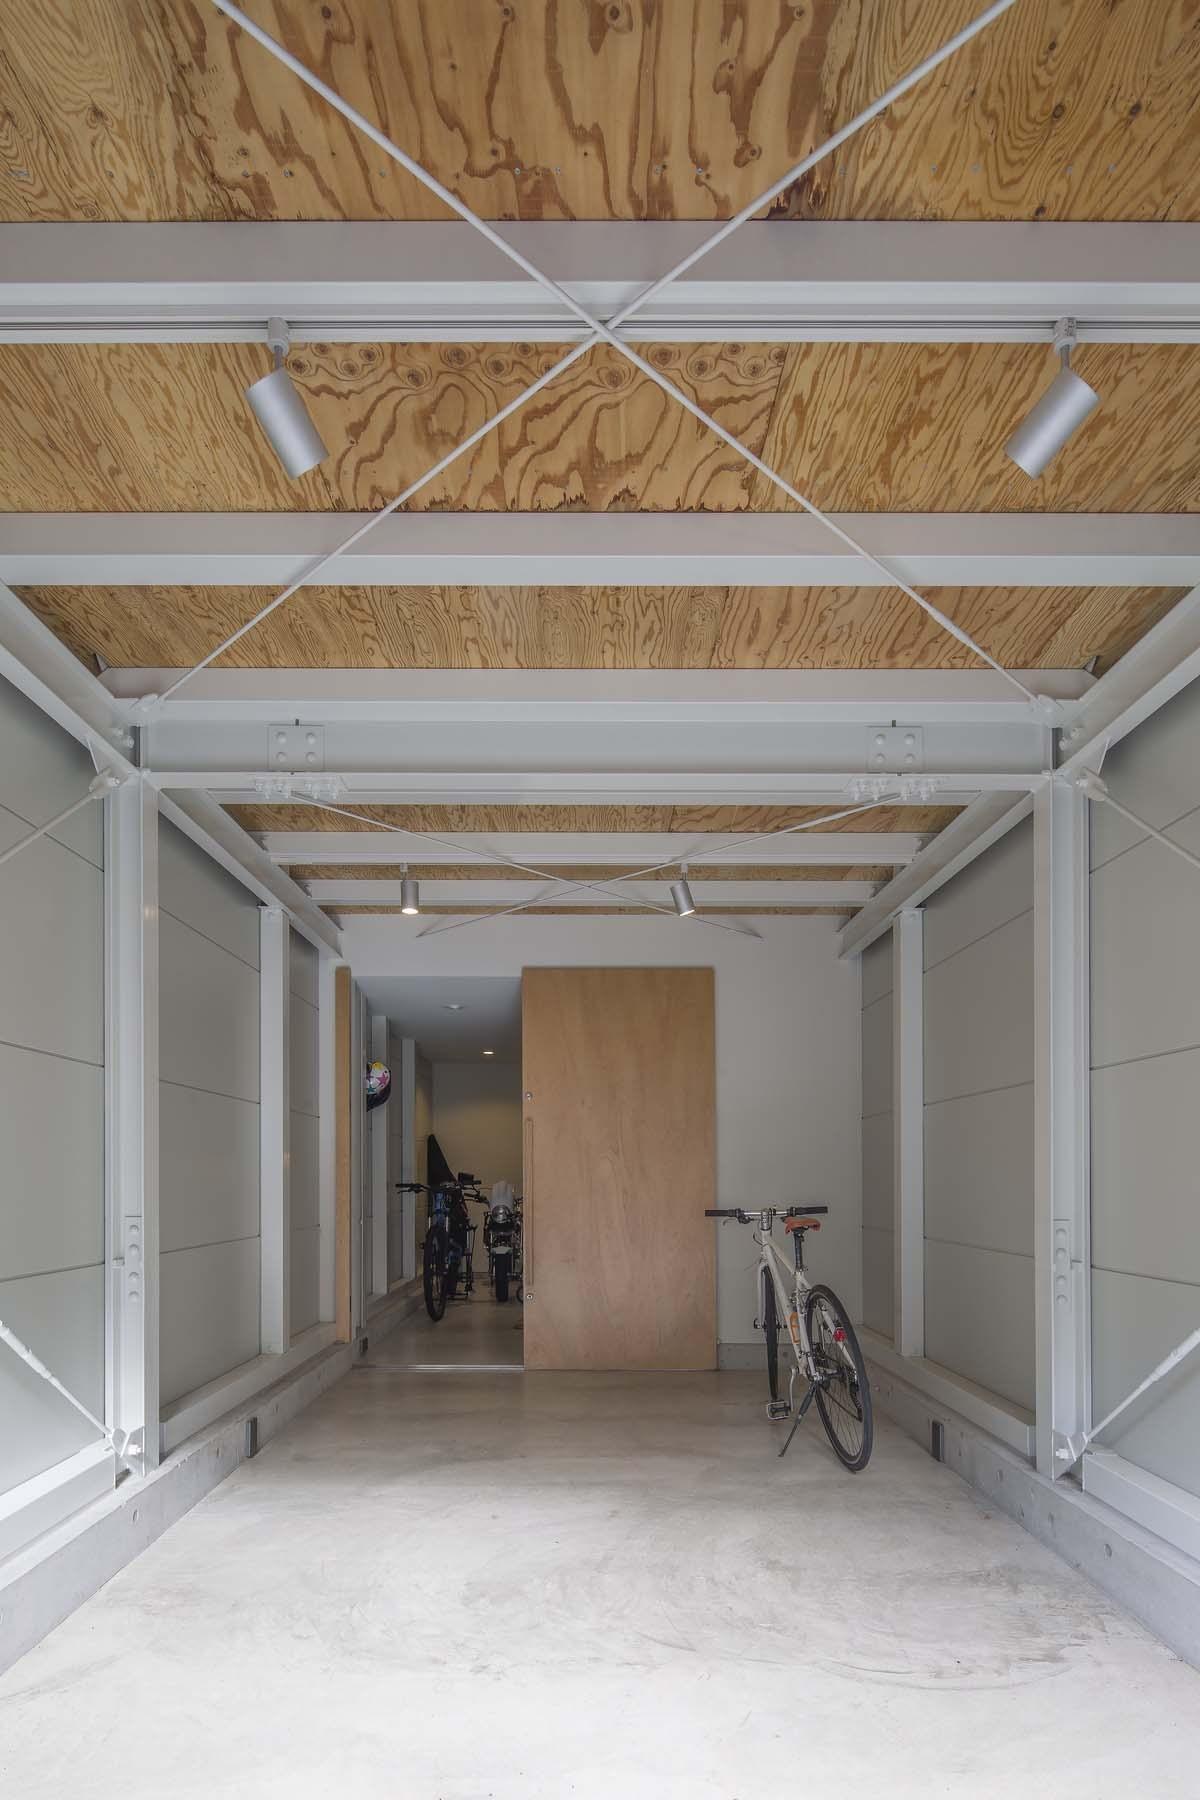 玄関事例:ガレージ(『』の家|鉄骨狭小スキップフロアのガレージハウス【大阪市】)